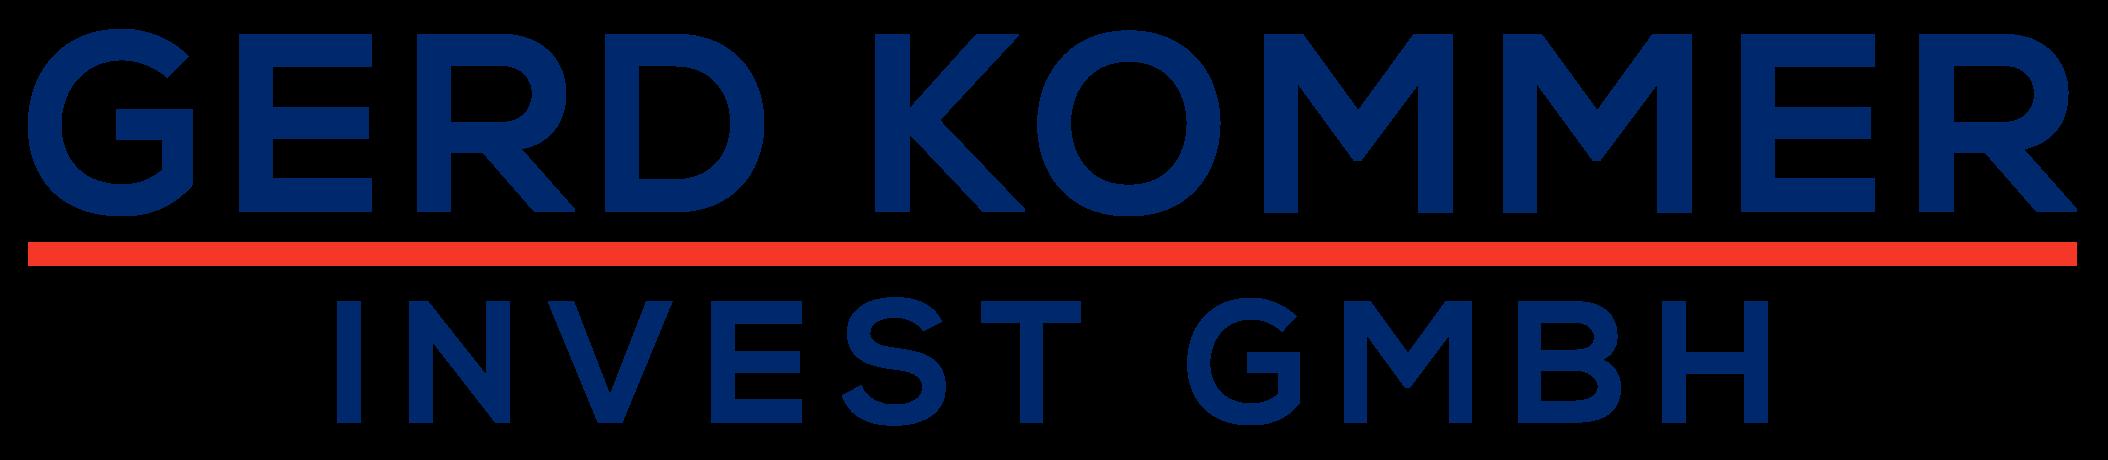 Gerd Kommer Invest GmbH Logo